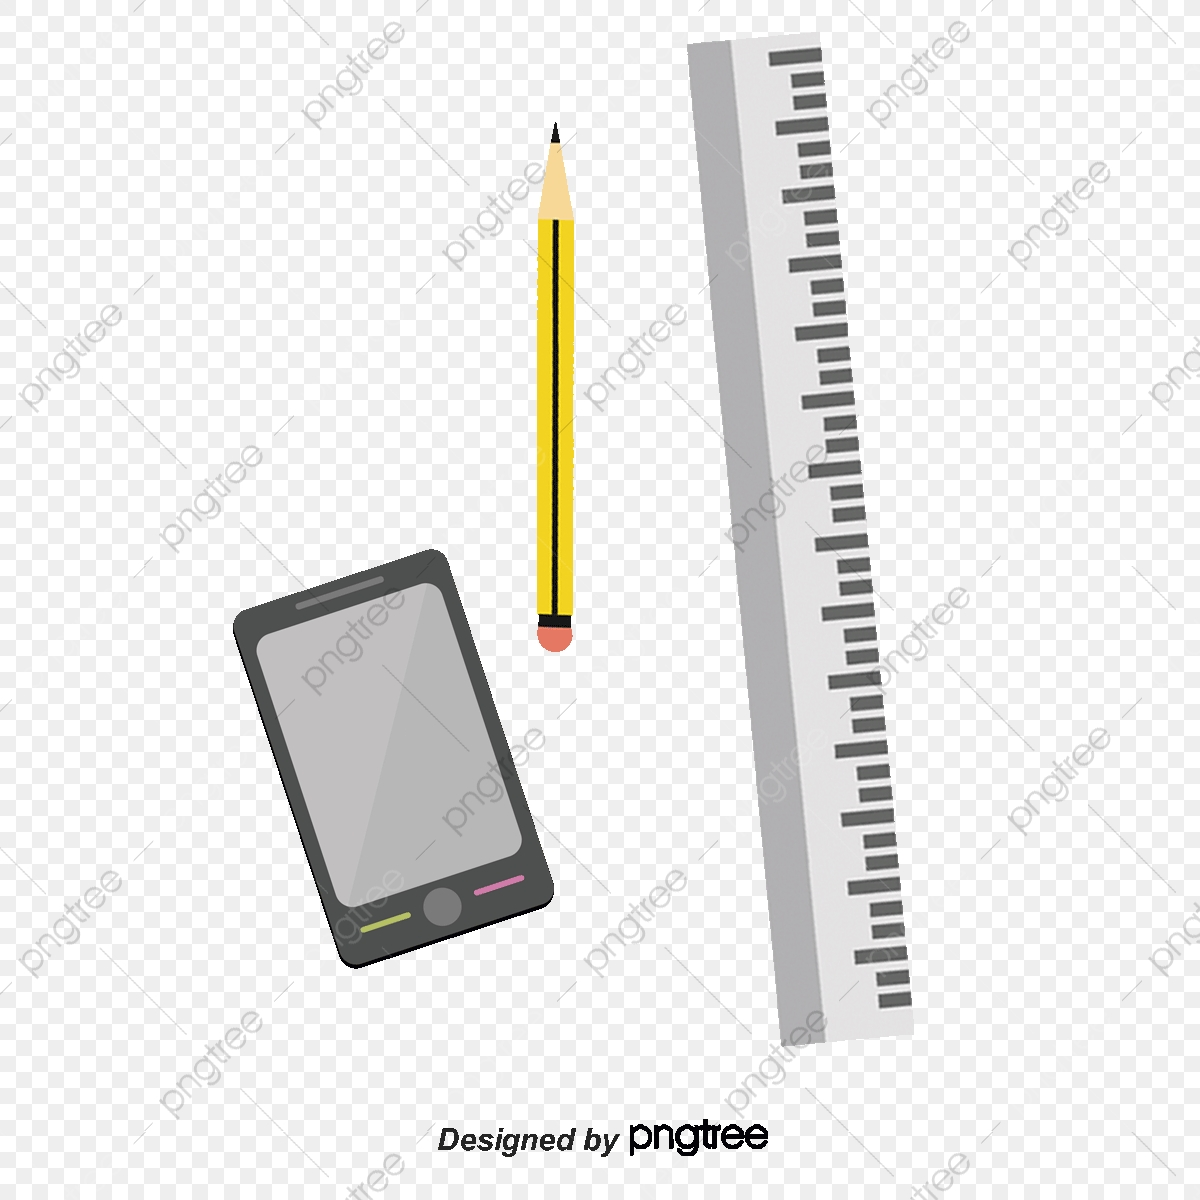 أدوات تصميم رائع تصميم أداة أدوات التصميم Png وملف Psd للتحميل مجانا